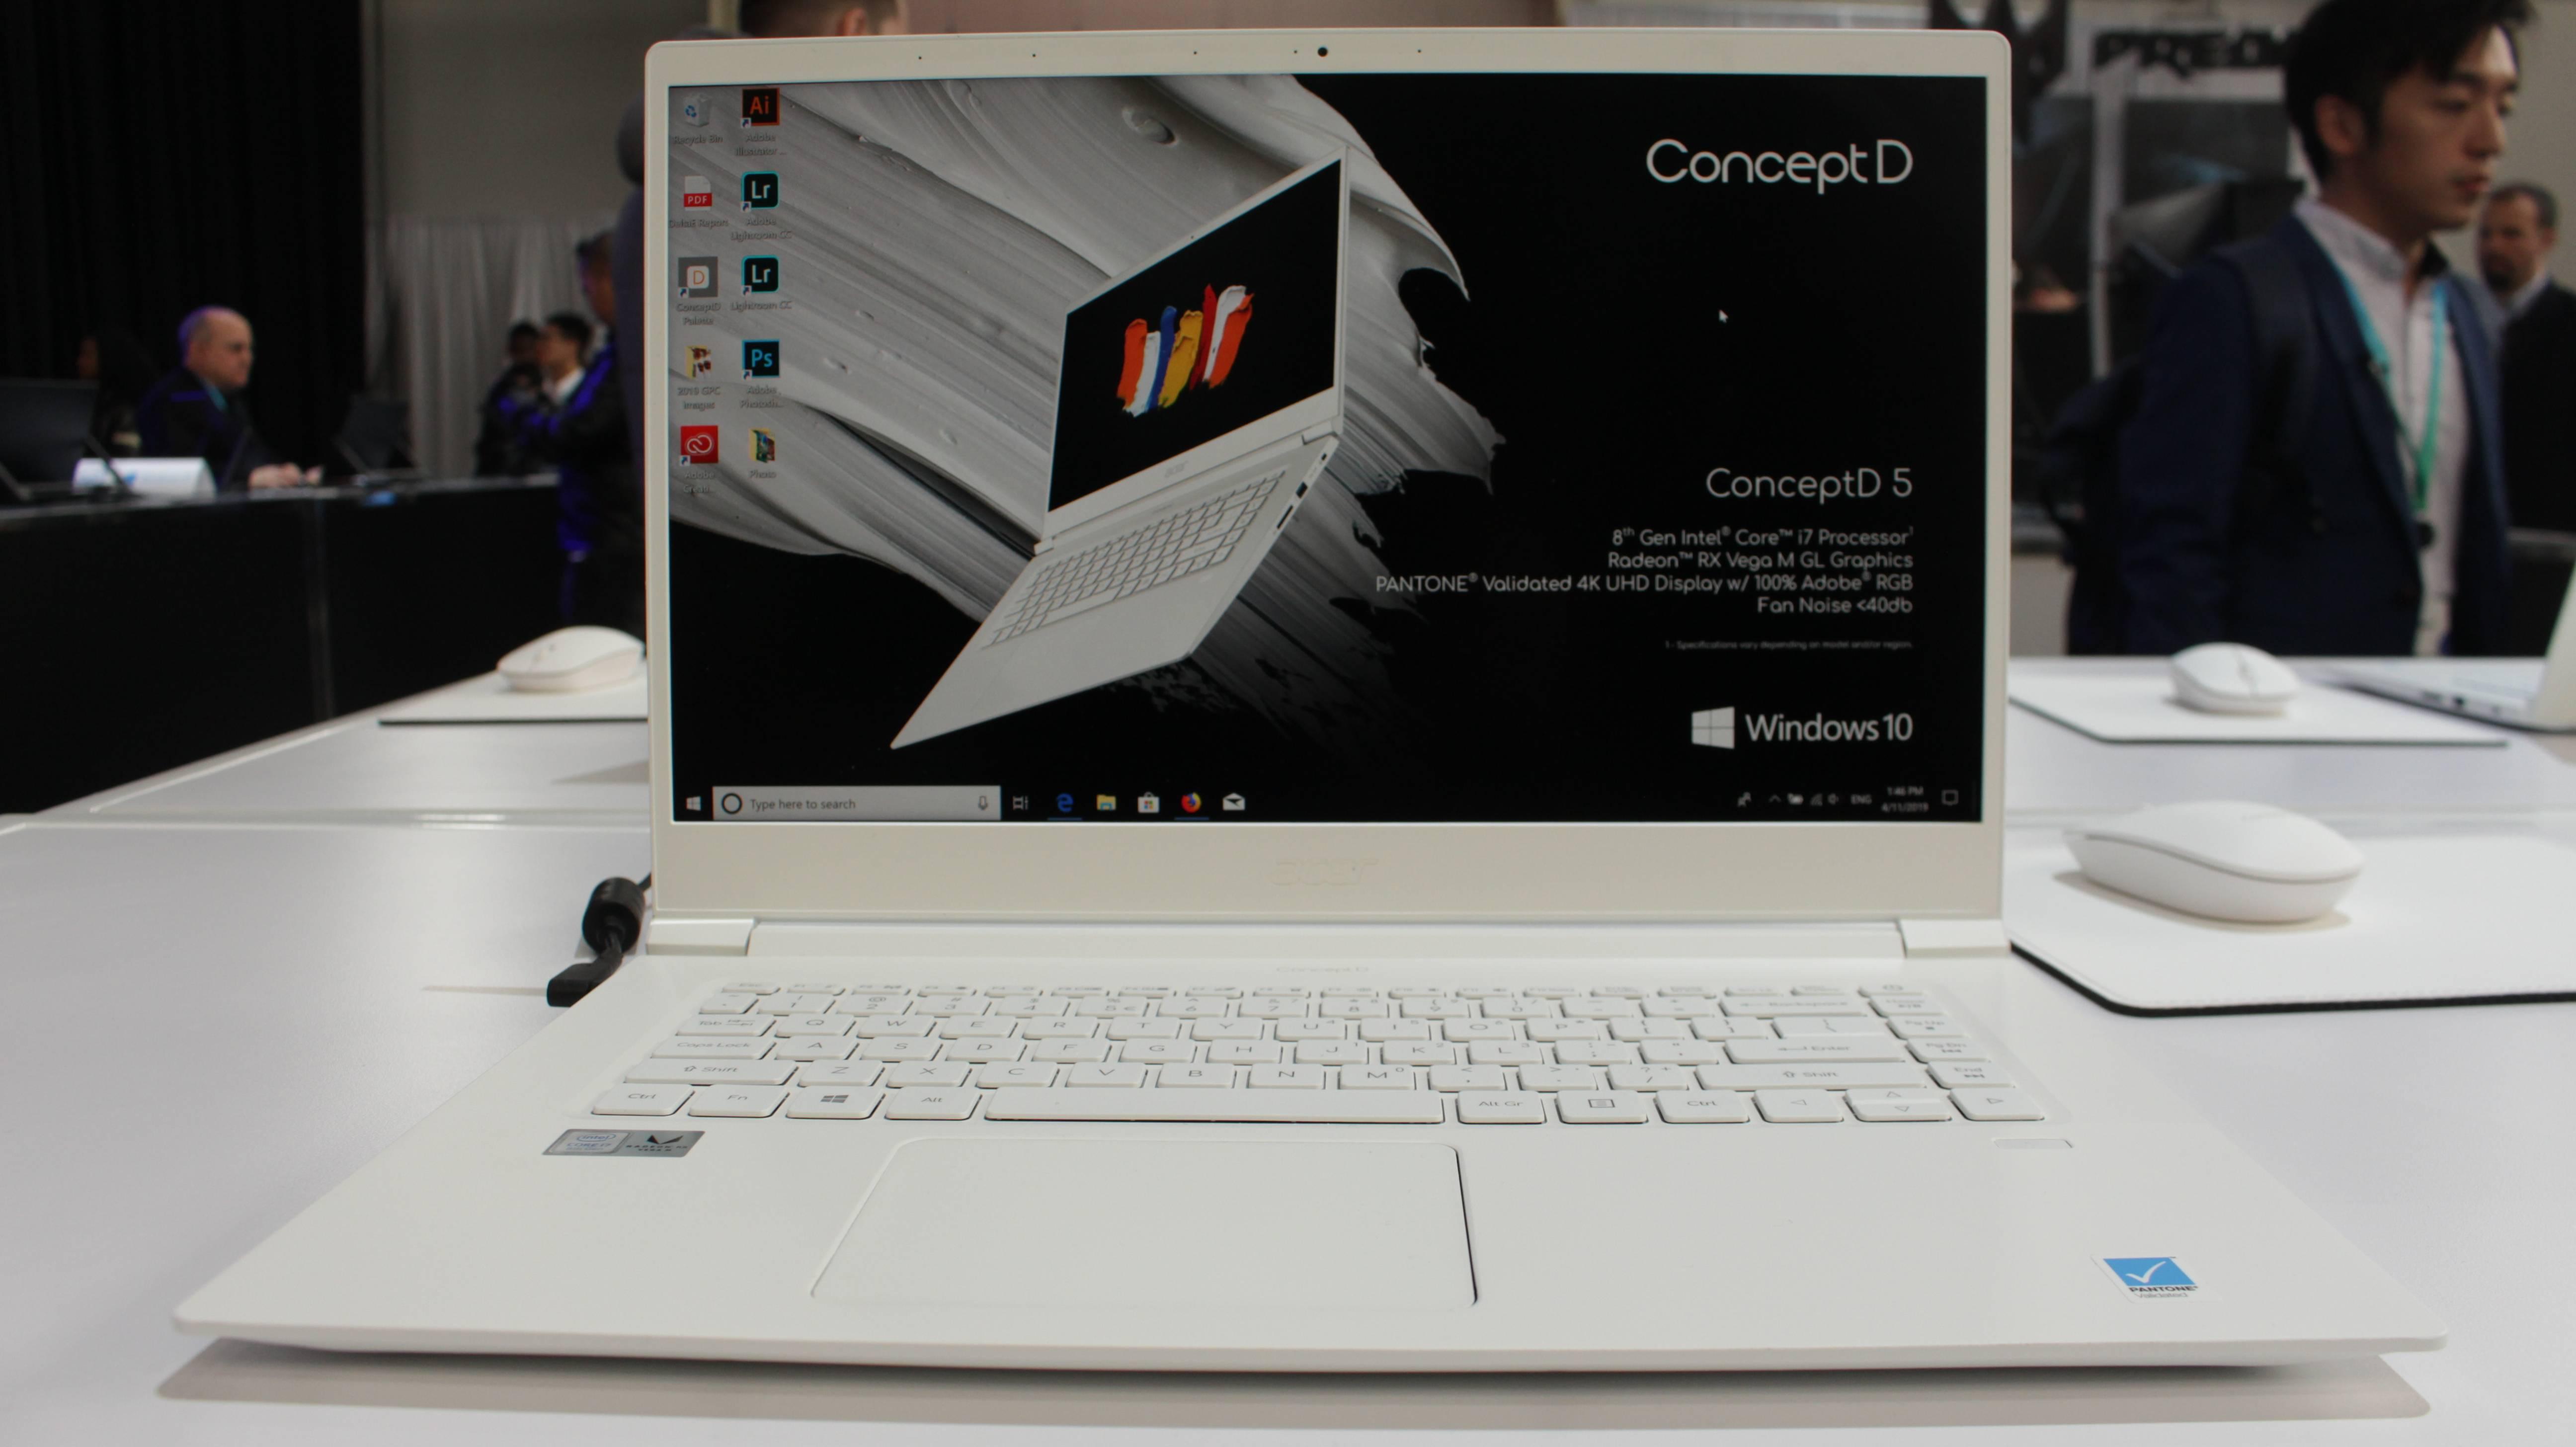 Esta es ConceptD, la nueva linea de Acer enfocada en los creadores de contenido